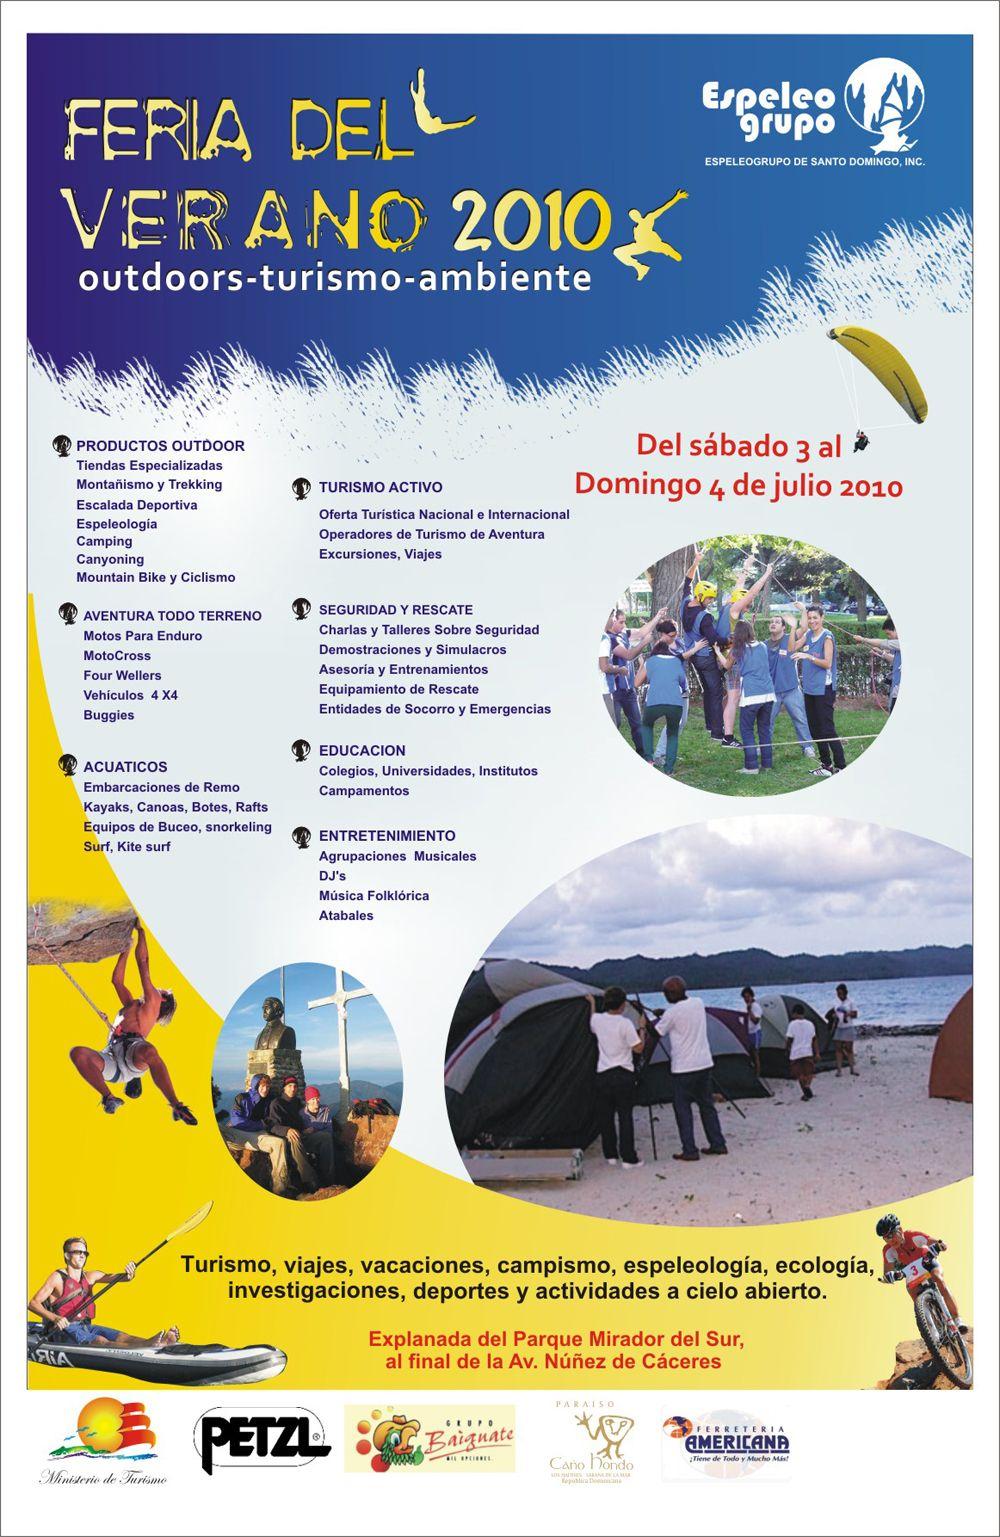 Feria del Verano, outdoors, turismo y ambiente